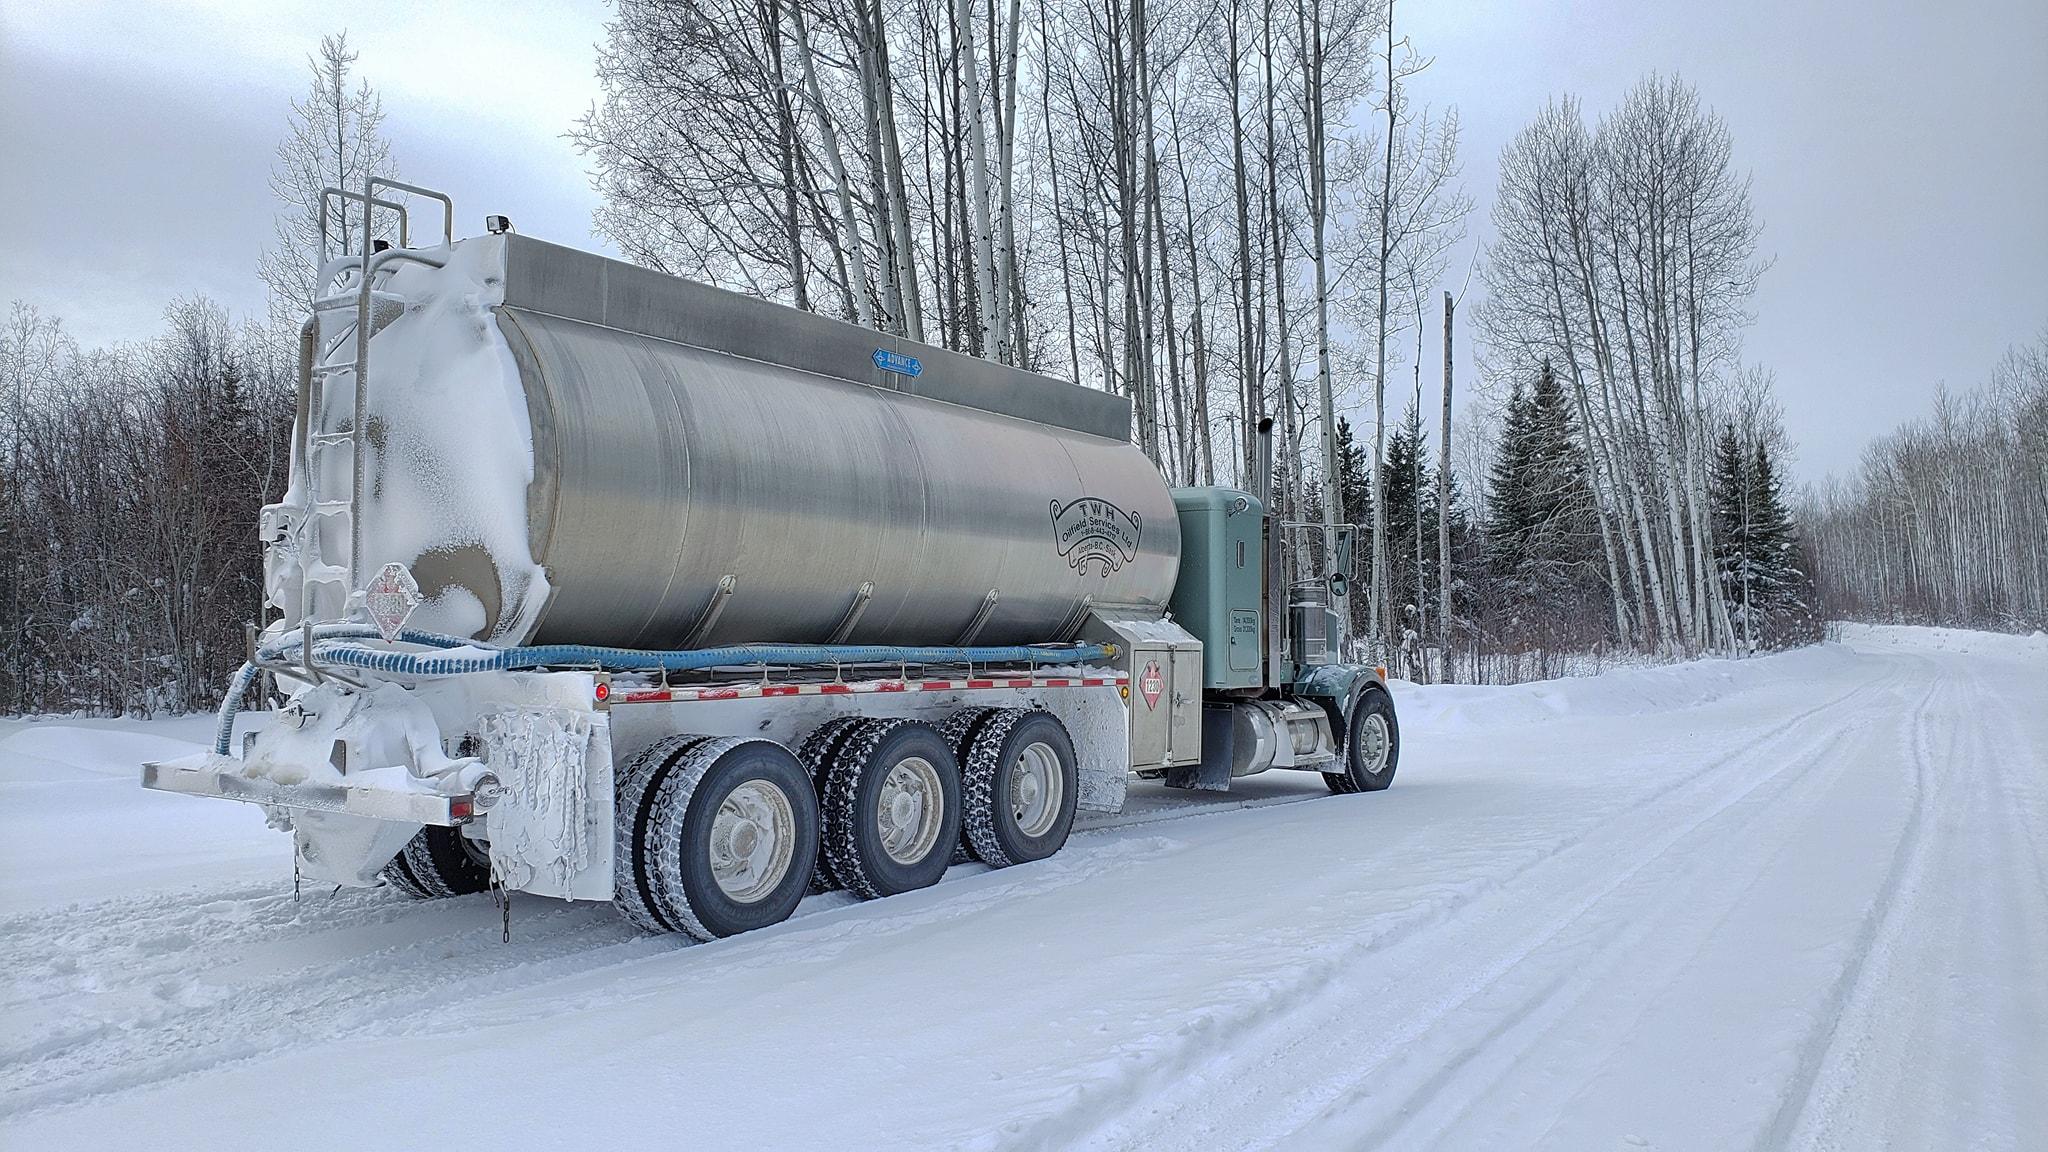 14-2-2020--nu-met-tankwagen-om-meer-thuis-te-zijn-Taber--(23)